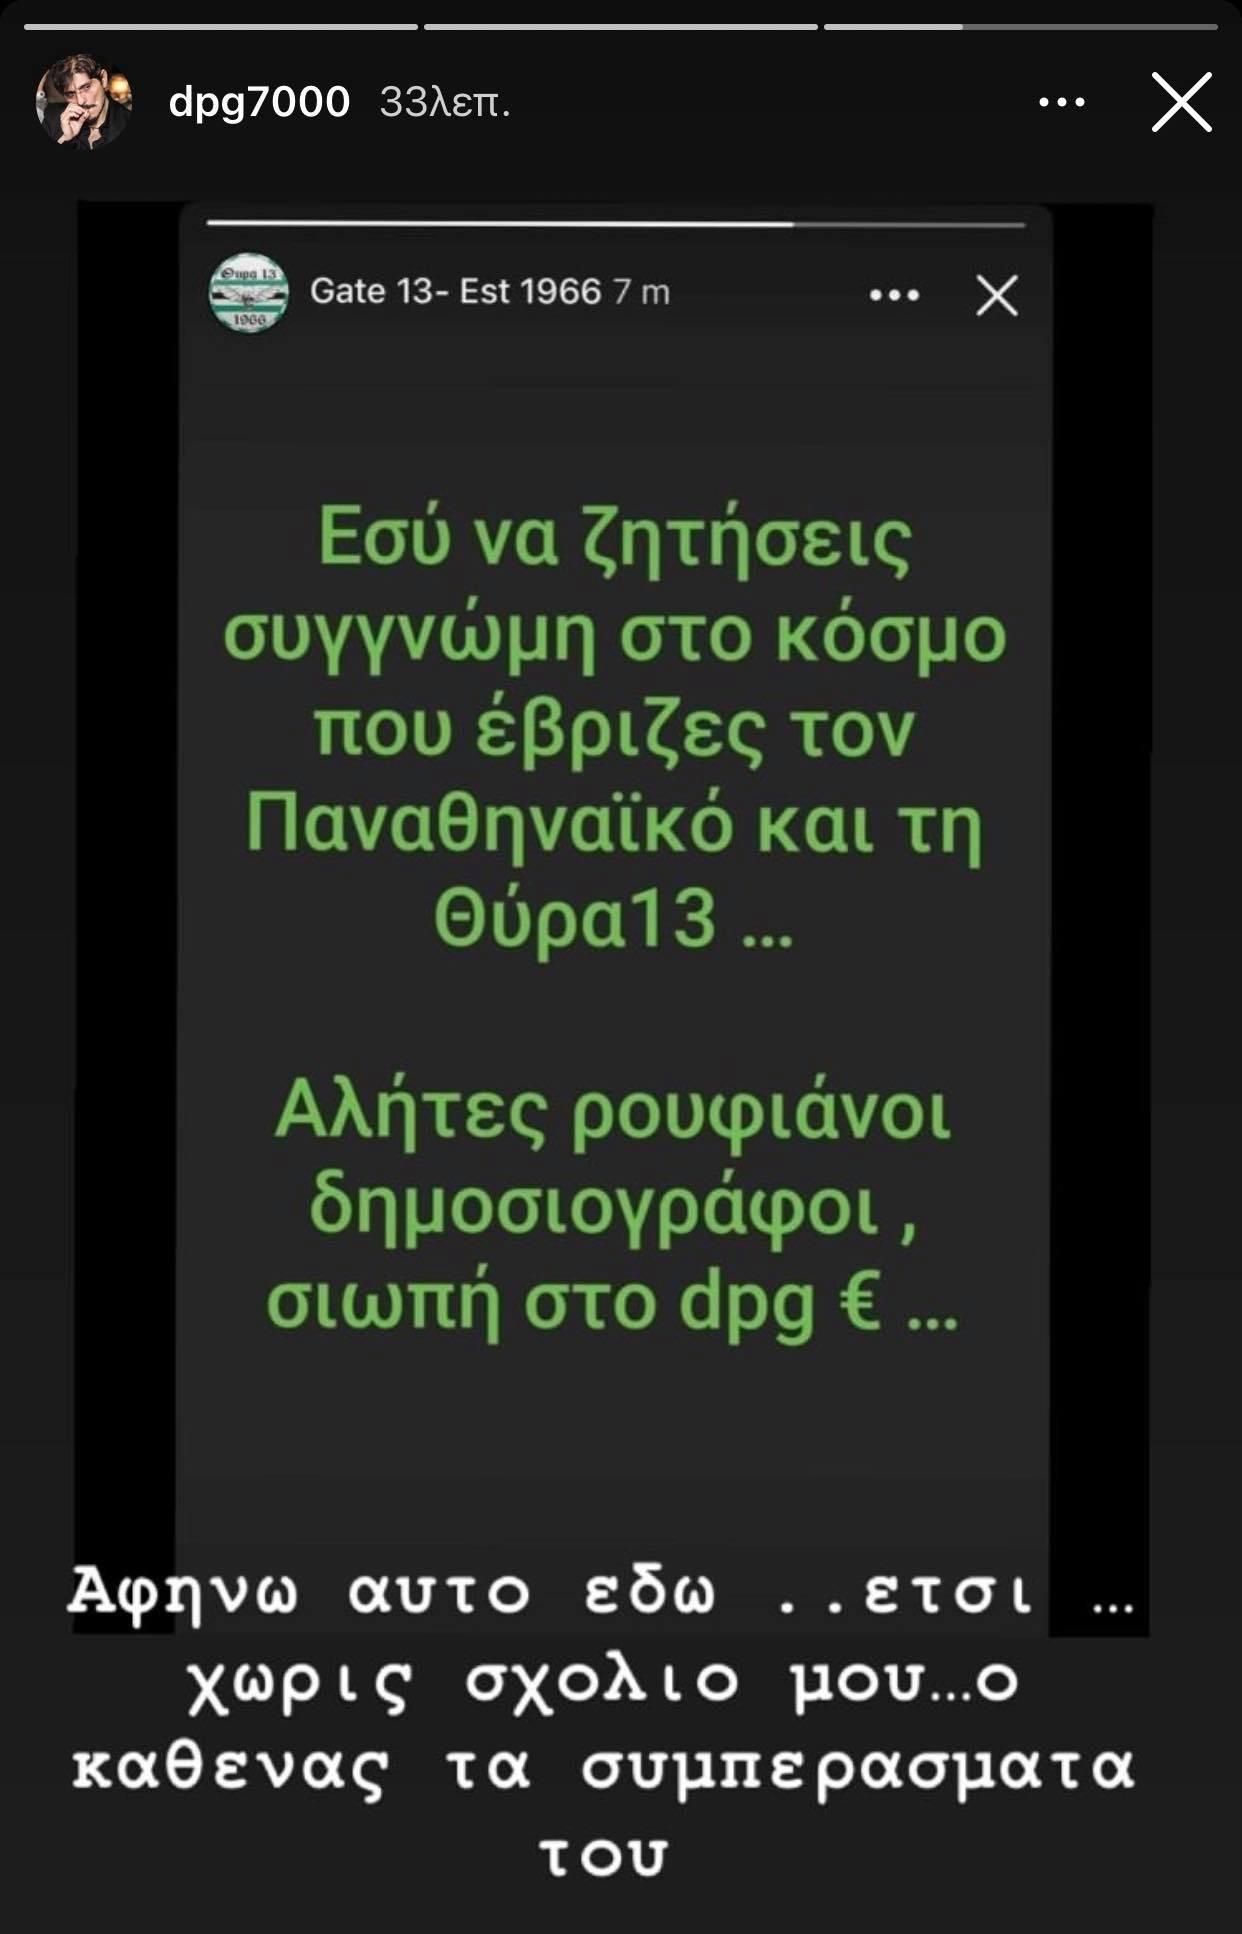 Αντέδρασε για Θύρα 13 ο Γιαννακόπουλος - Τι έγραψε (pic)